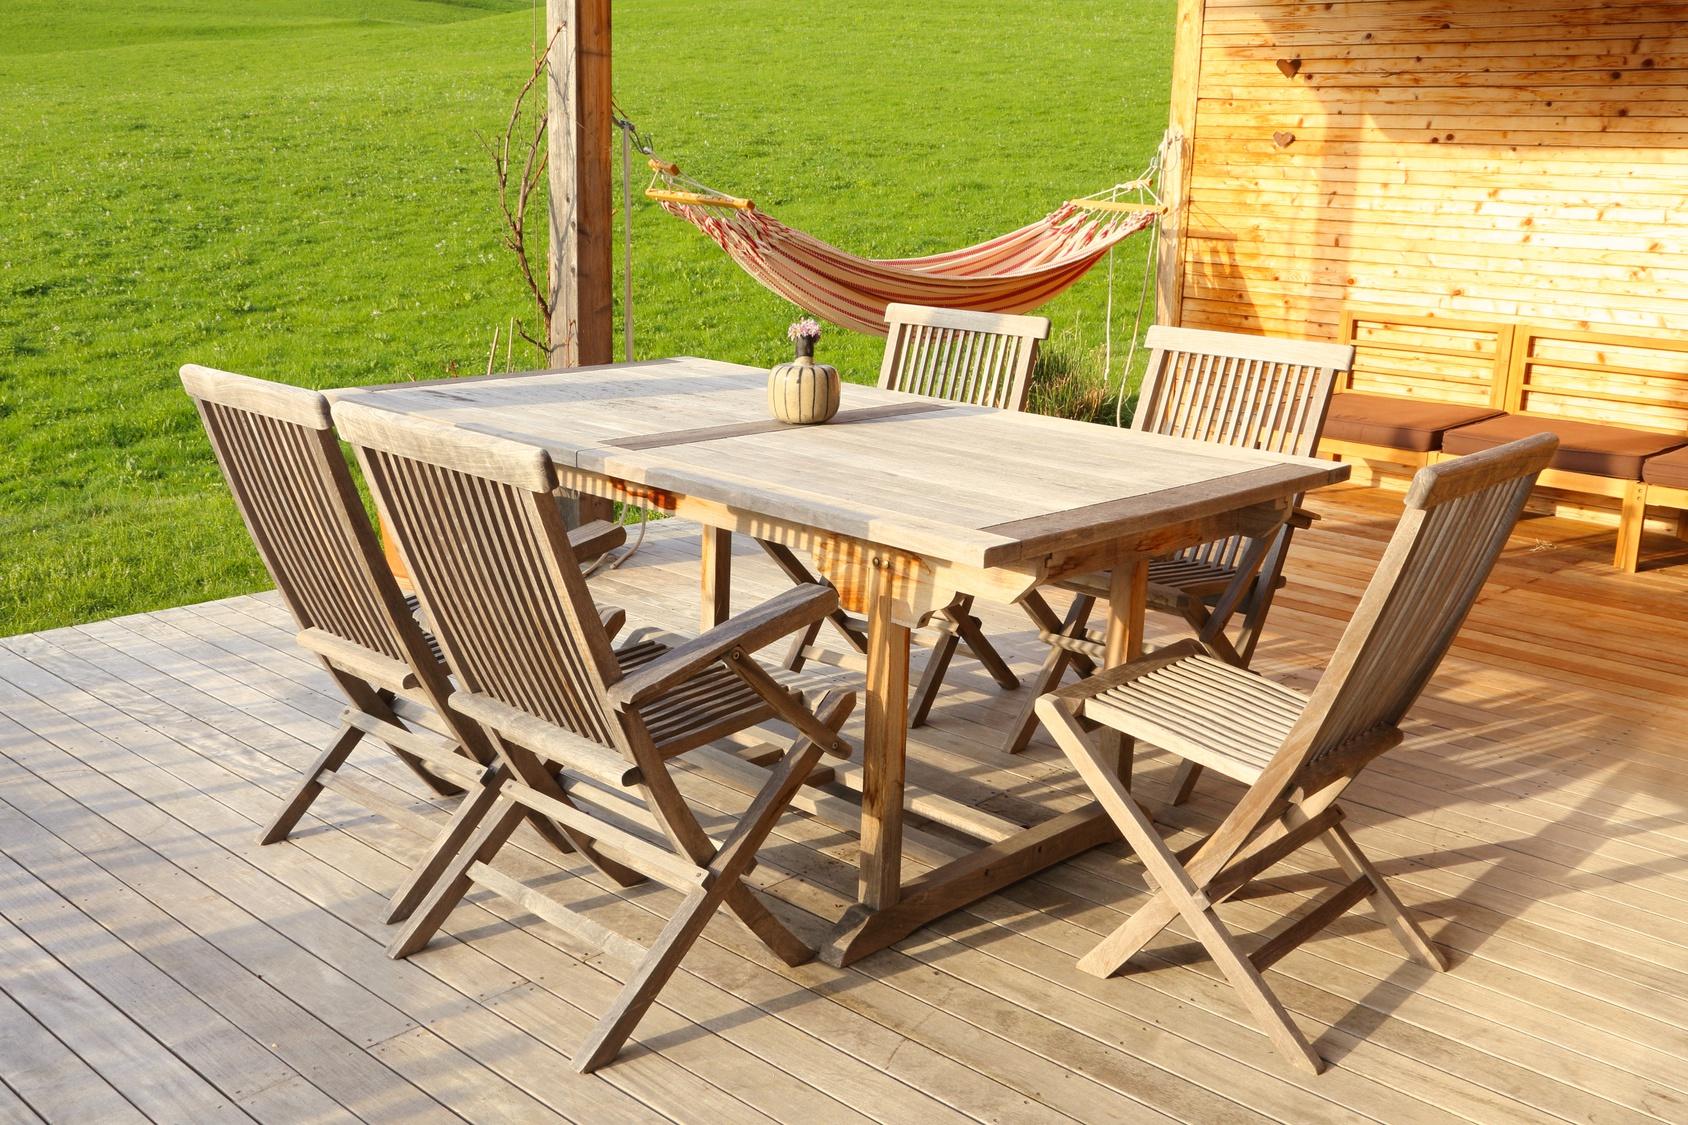 Entretenir son mobilier de jardin en teck bois et plastique - Relooker son salon de jardin en plastique ...